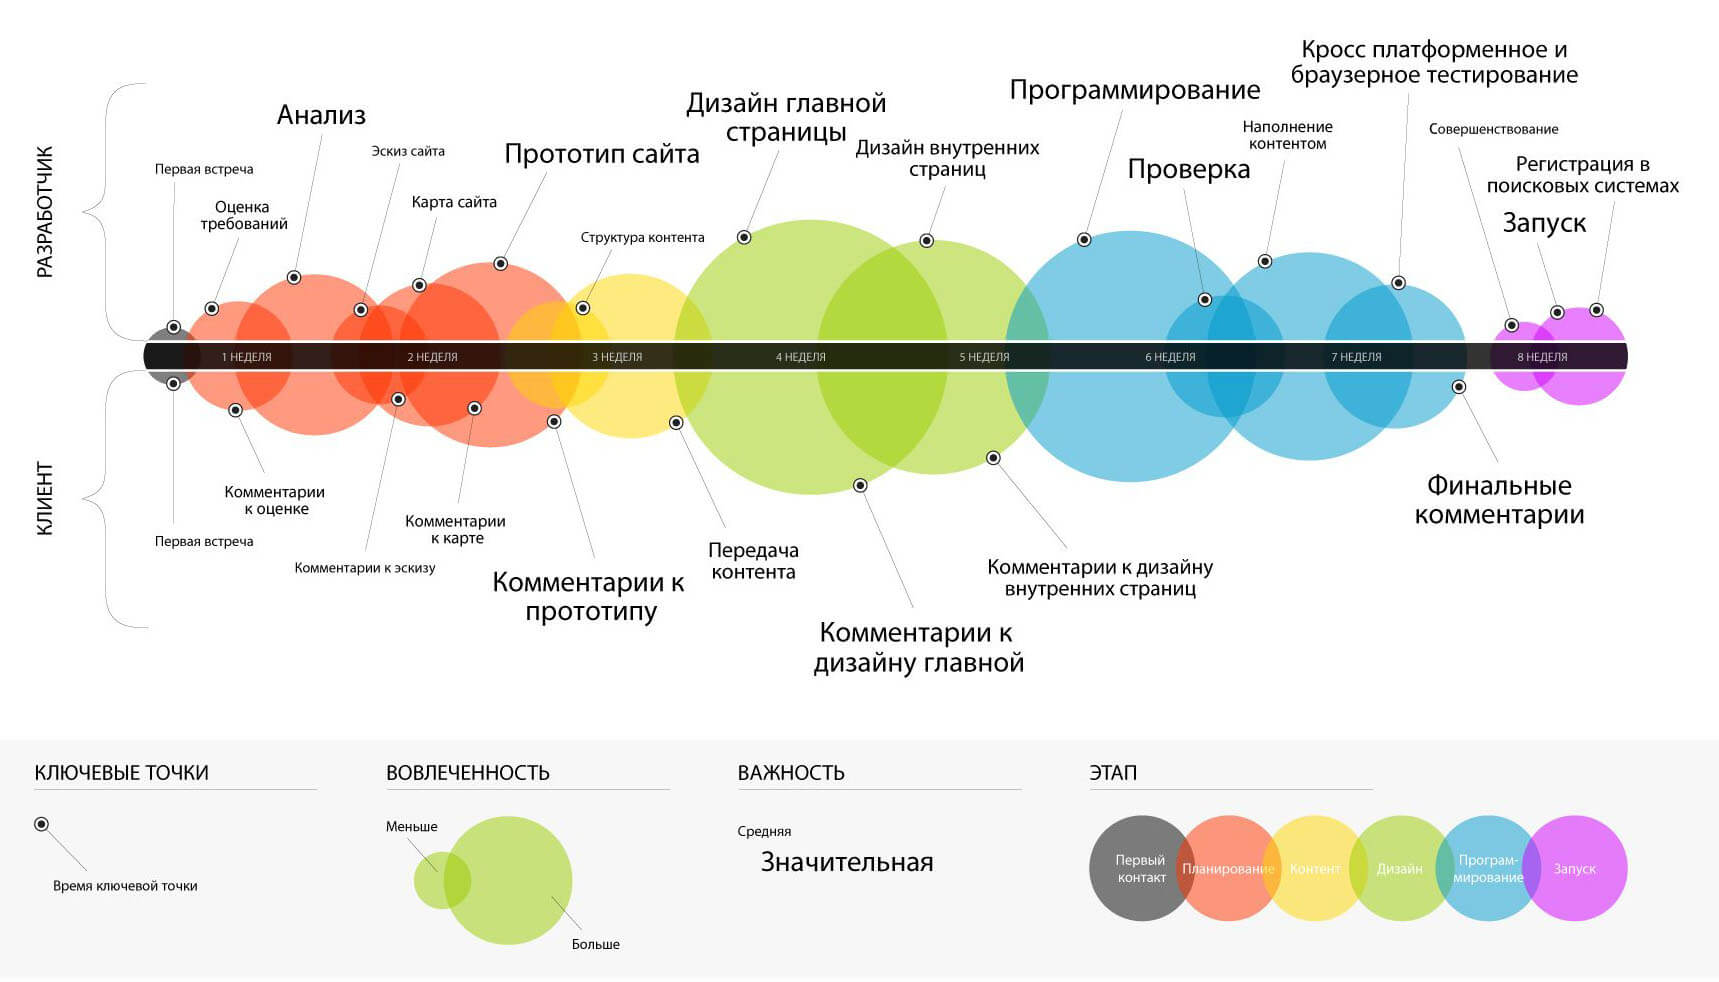 36593d3be3e74 Как разработать WEB-сайт, Разработка сайта интернет-магазина ...